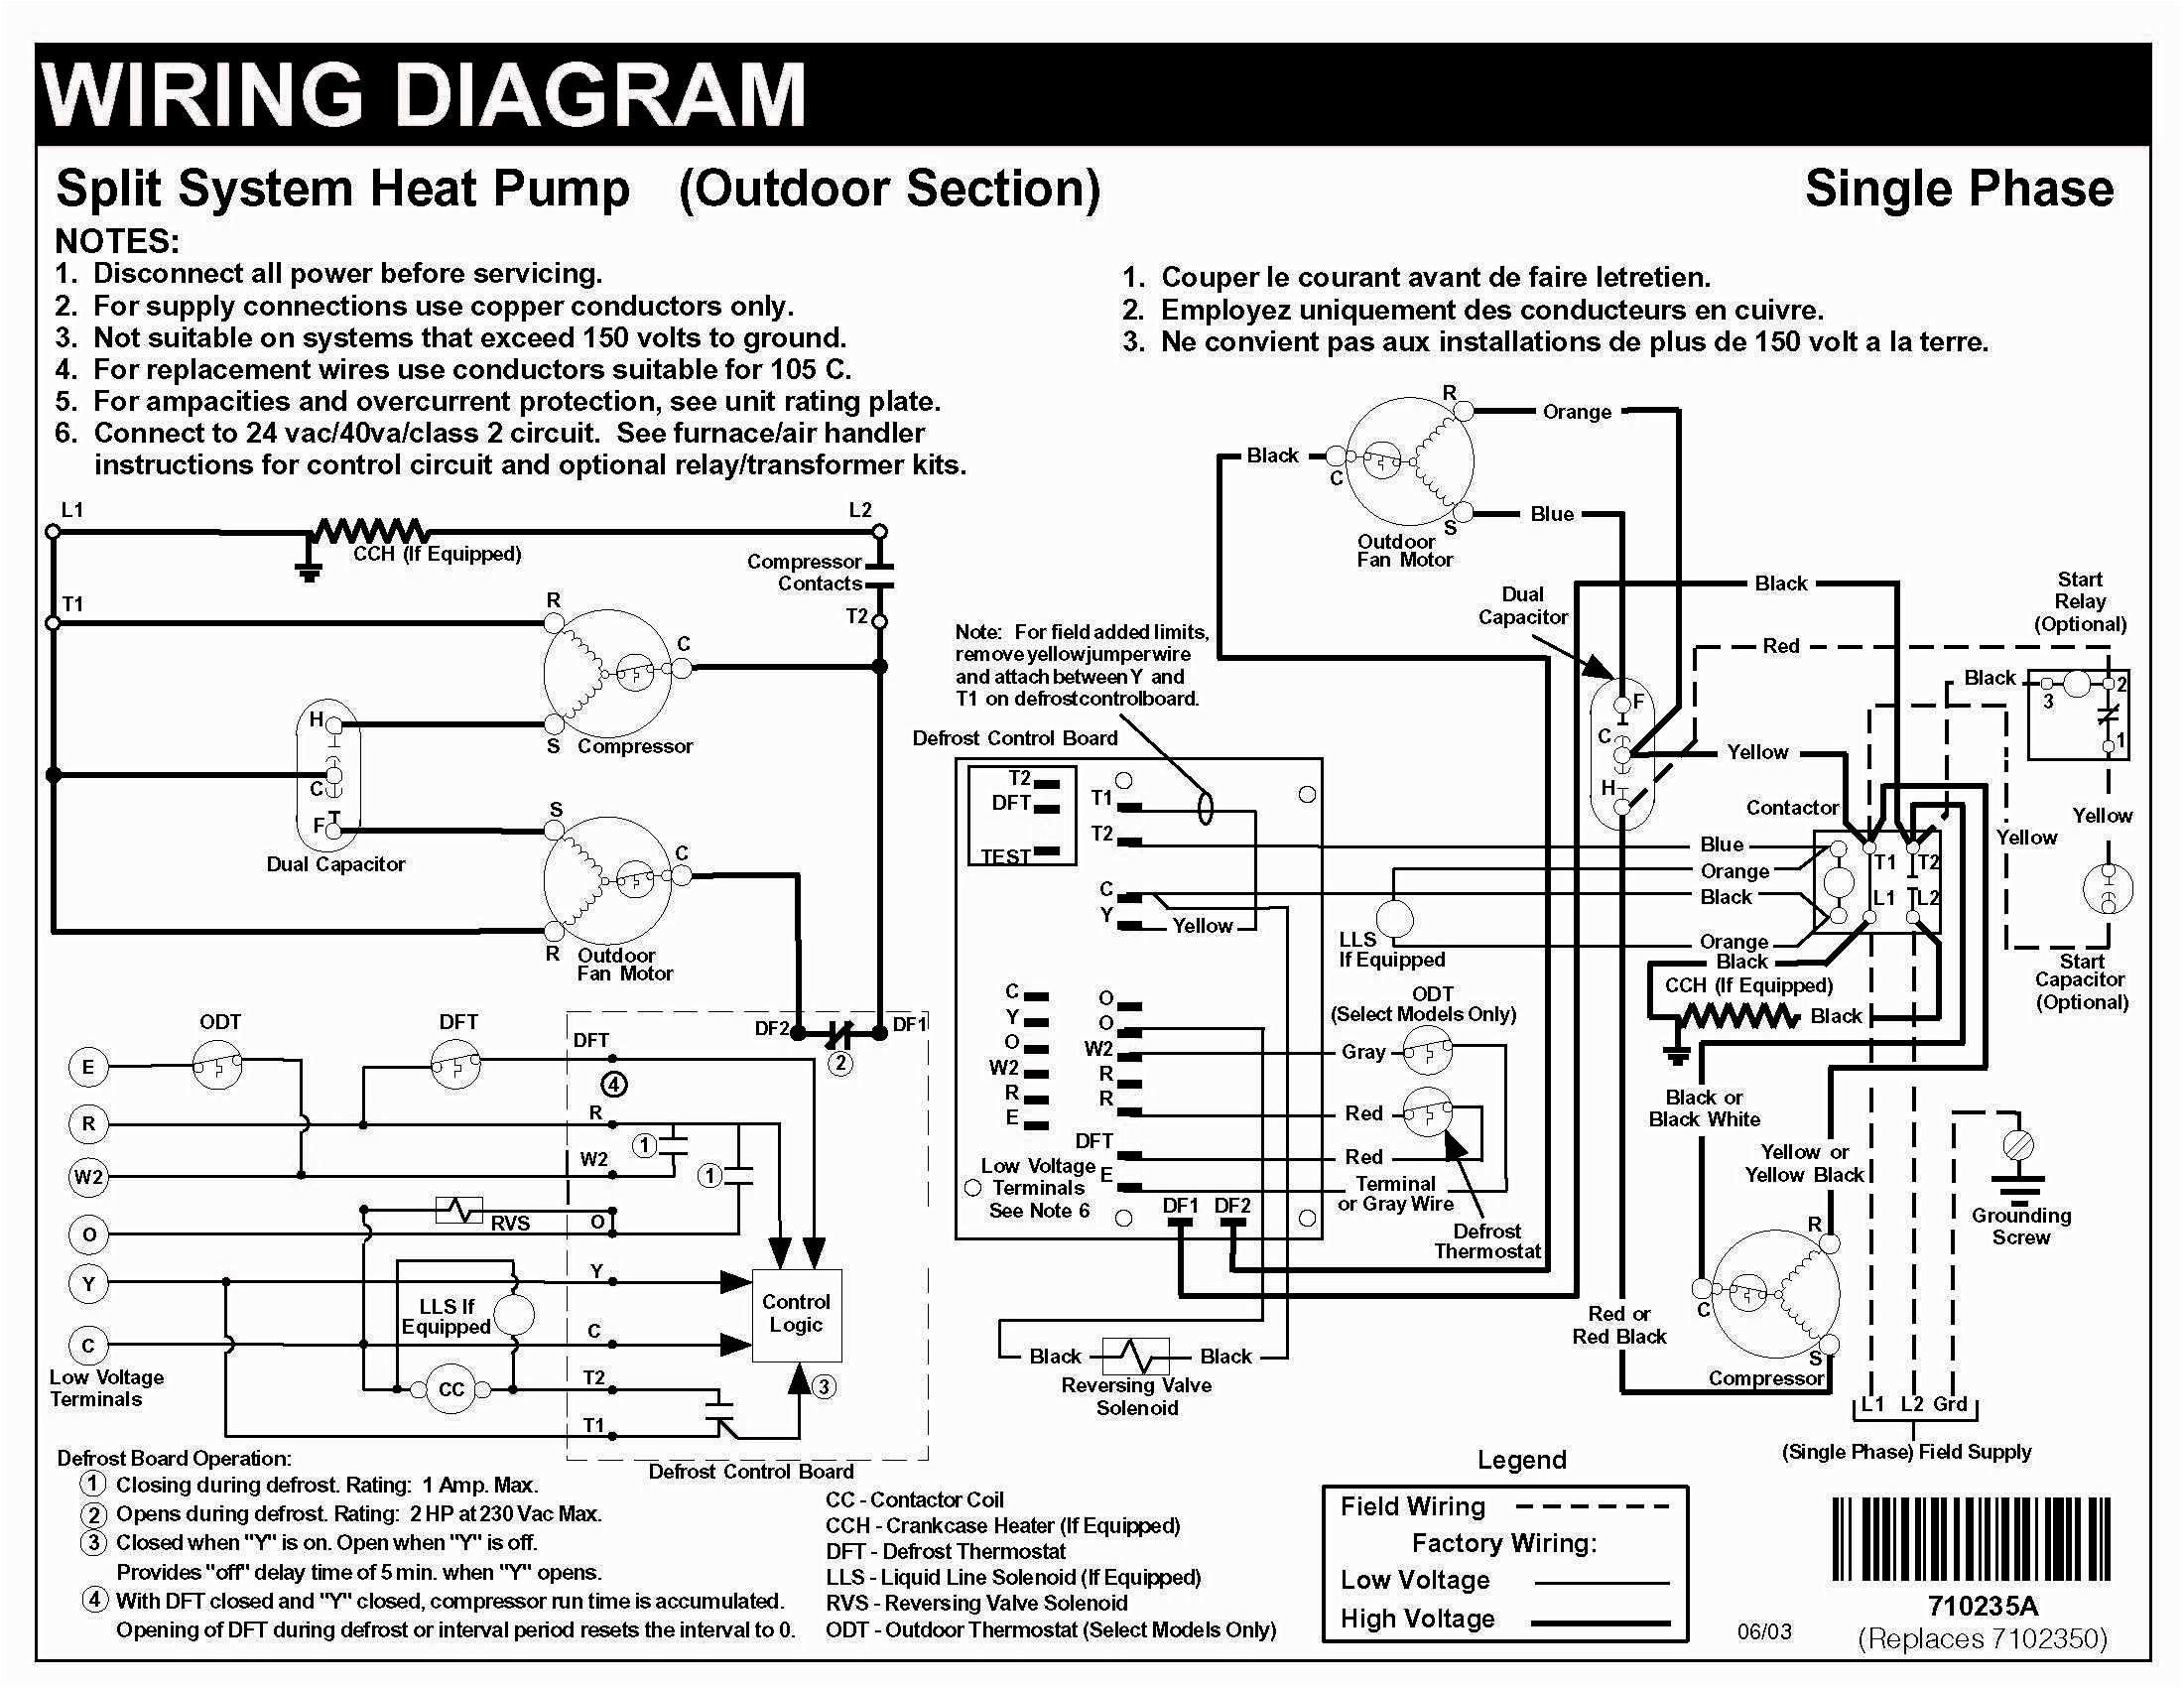 45 Kva Transformer Wiring Diagram